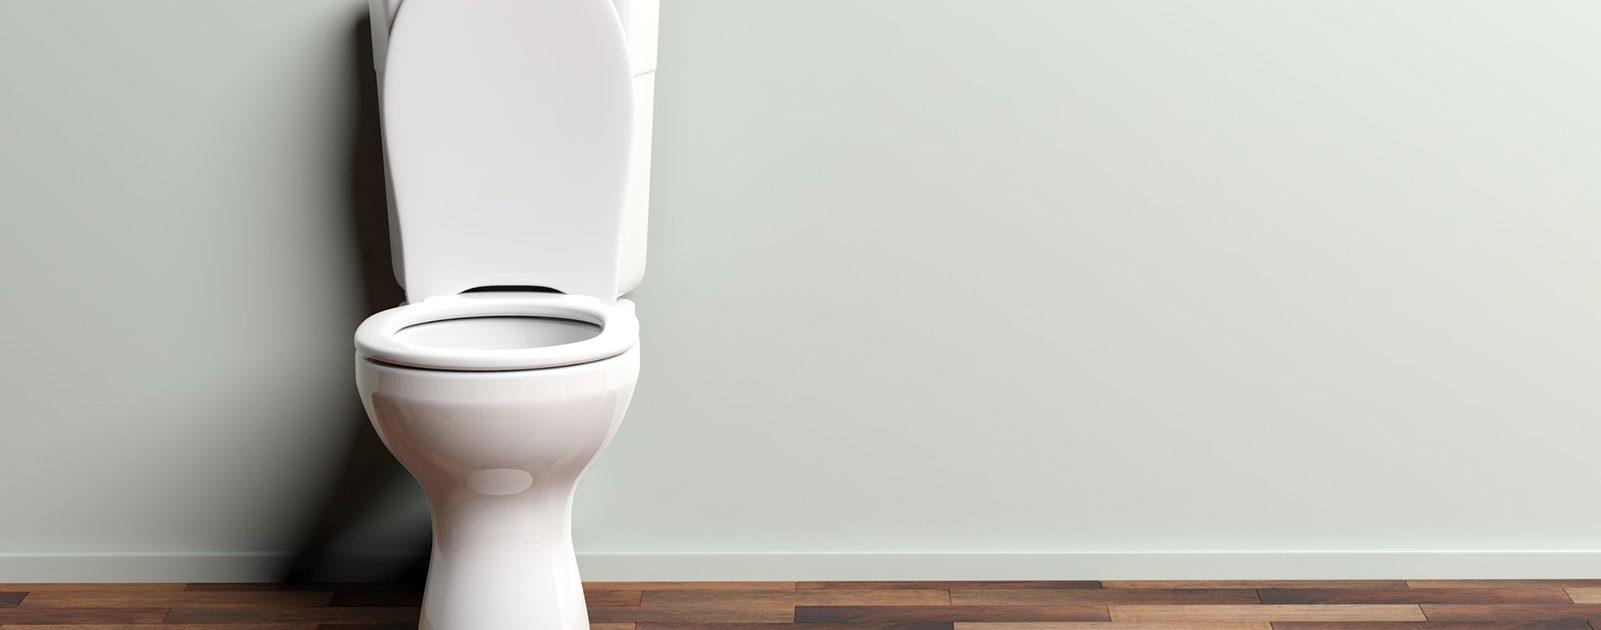 Mann geht nachts auf die Toilette, weil er an Nykturie (nächtlichem Harndrang) leidet.